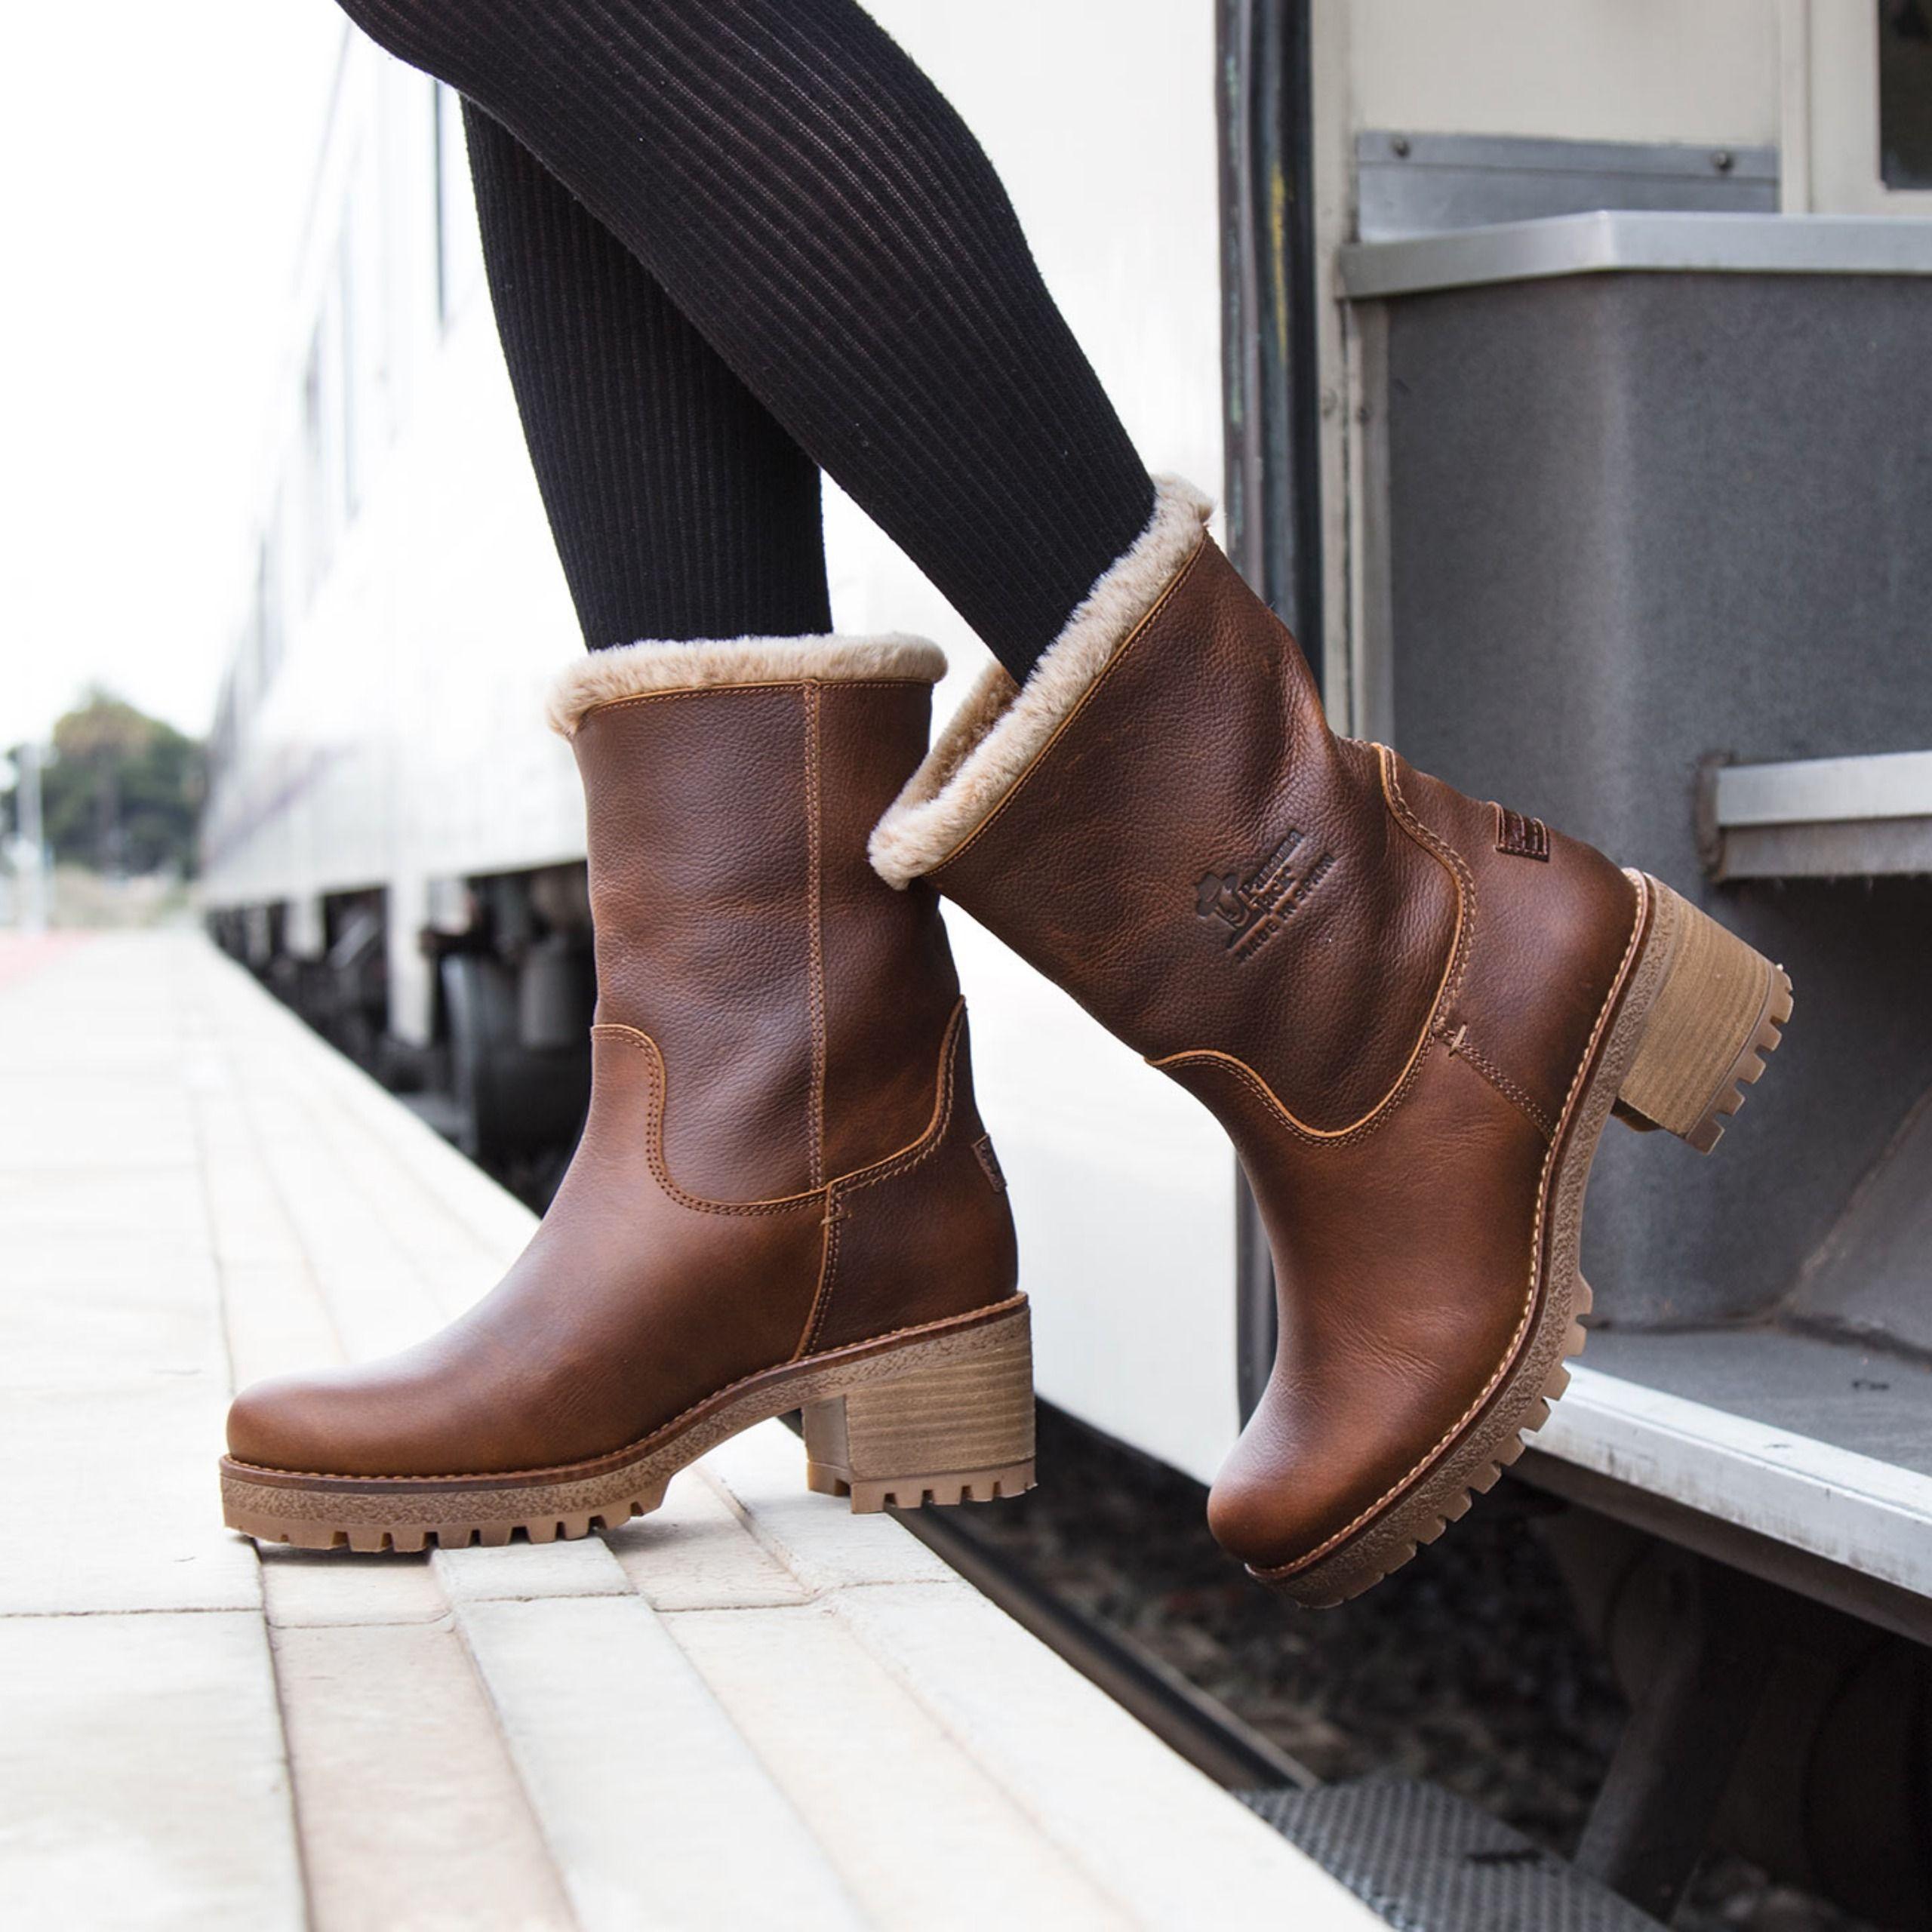 Pin by Ziengs Schoenen on PANAMA JACK ♡ WOMEN | Boots